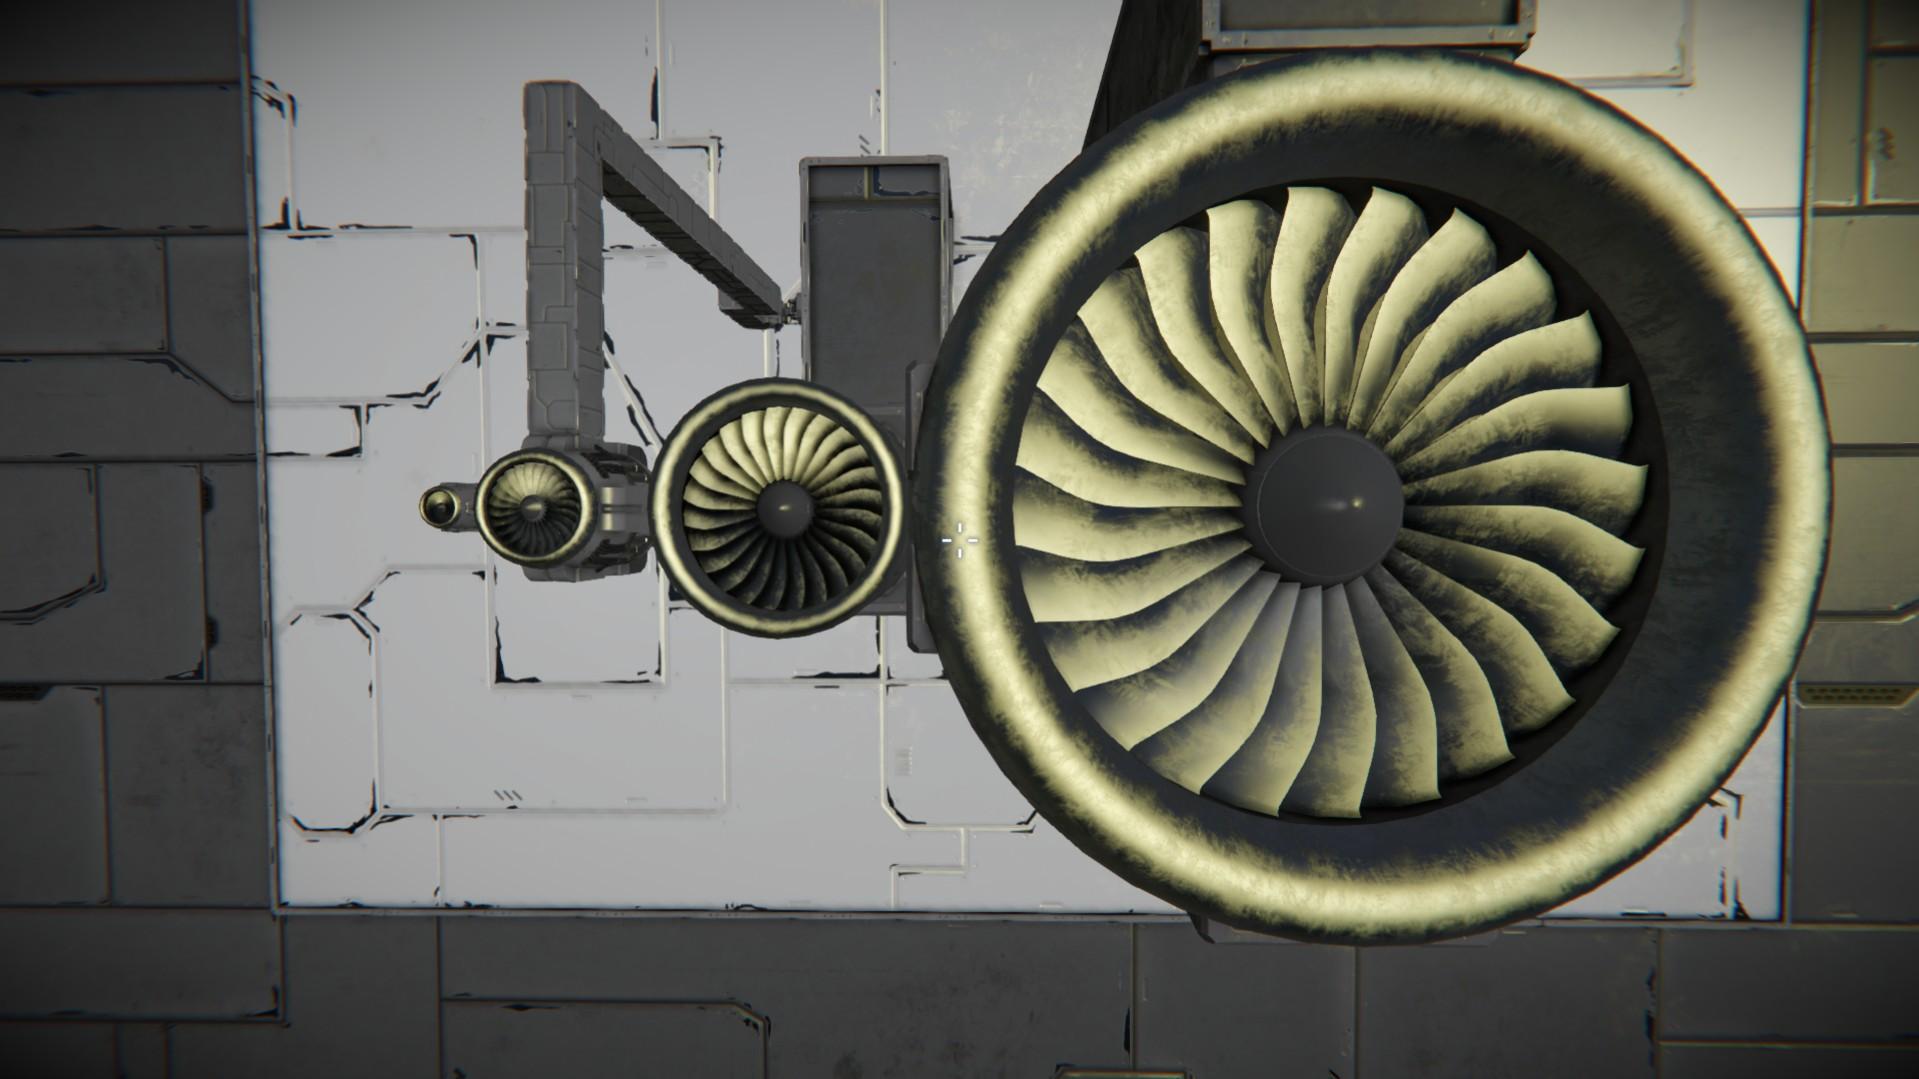 Двигатели Space engineers